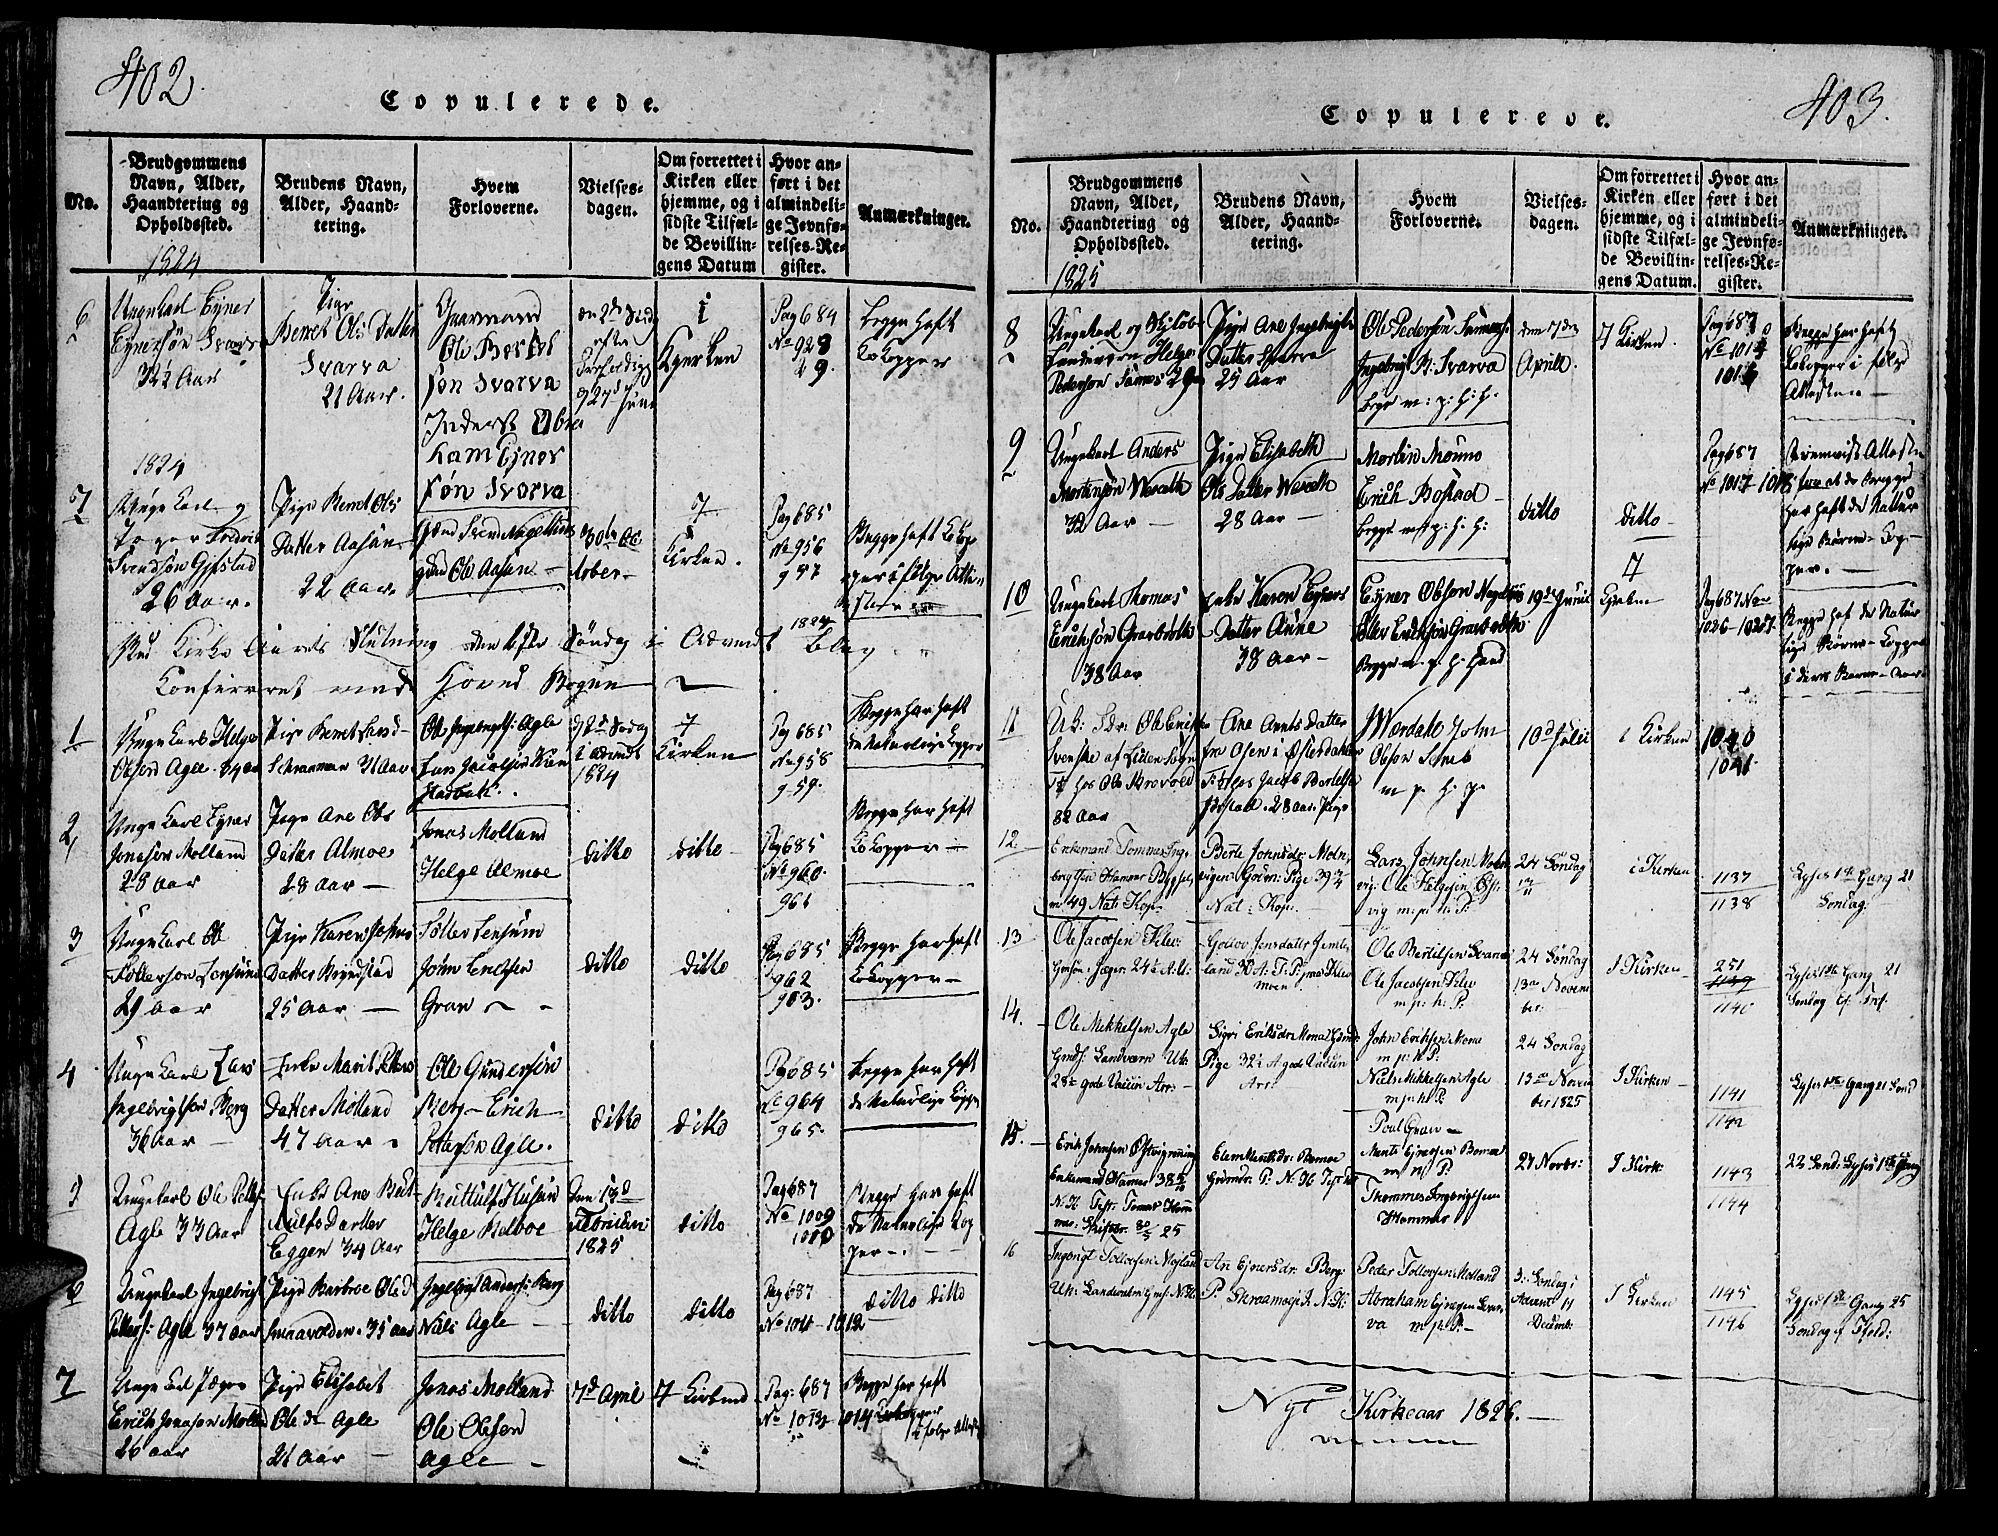 SAT, Ministerialprotokoller, klokkerbøker og fødselsregistre - Nord-Trøndelag, 749/L0479: Klokkerbok nr. 749C01, 1817-1829, s. 402-403